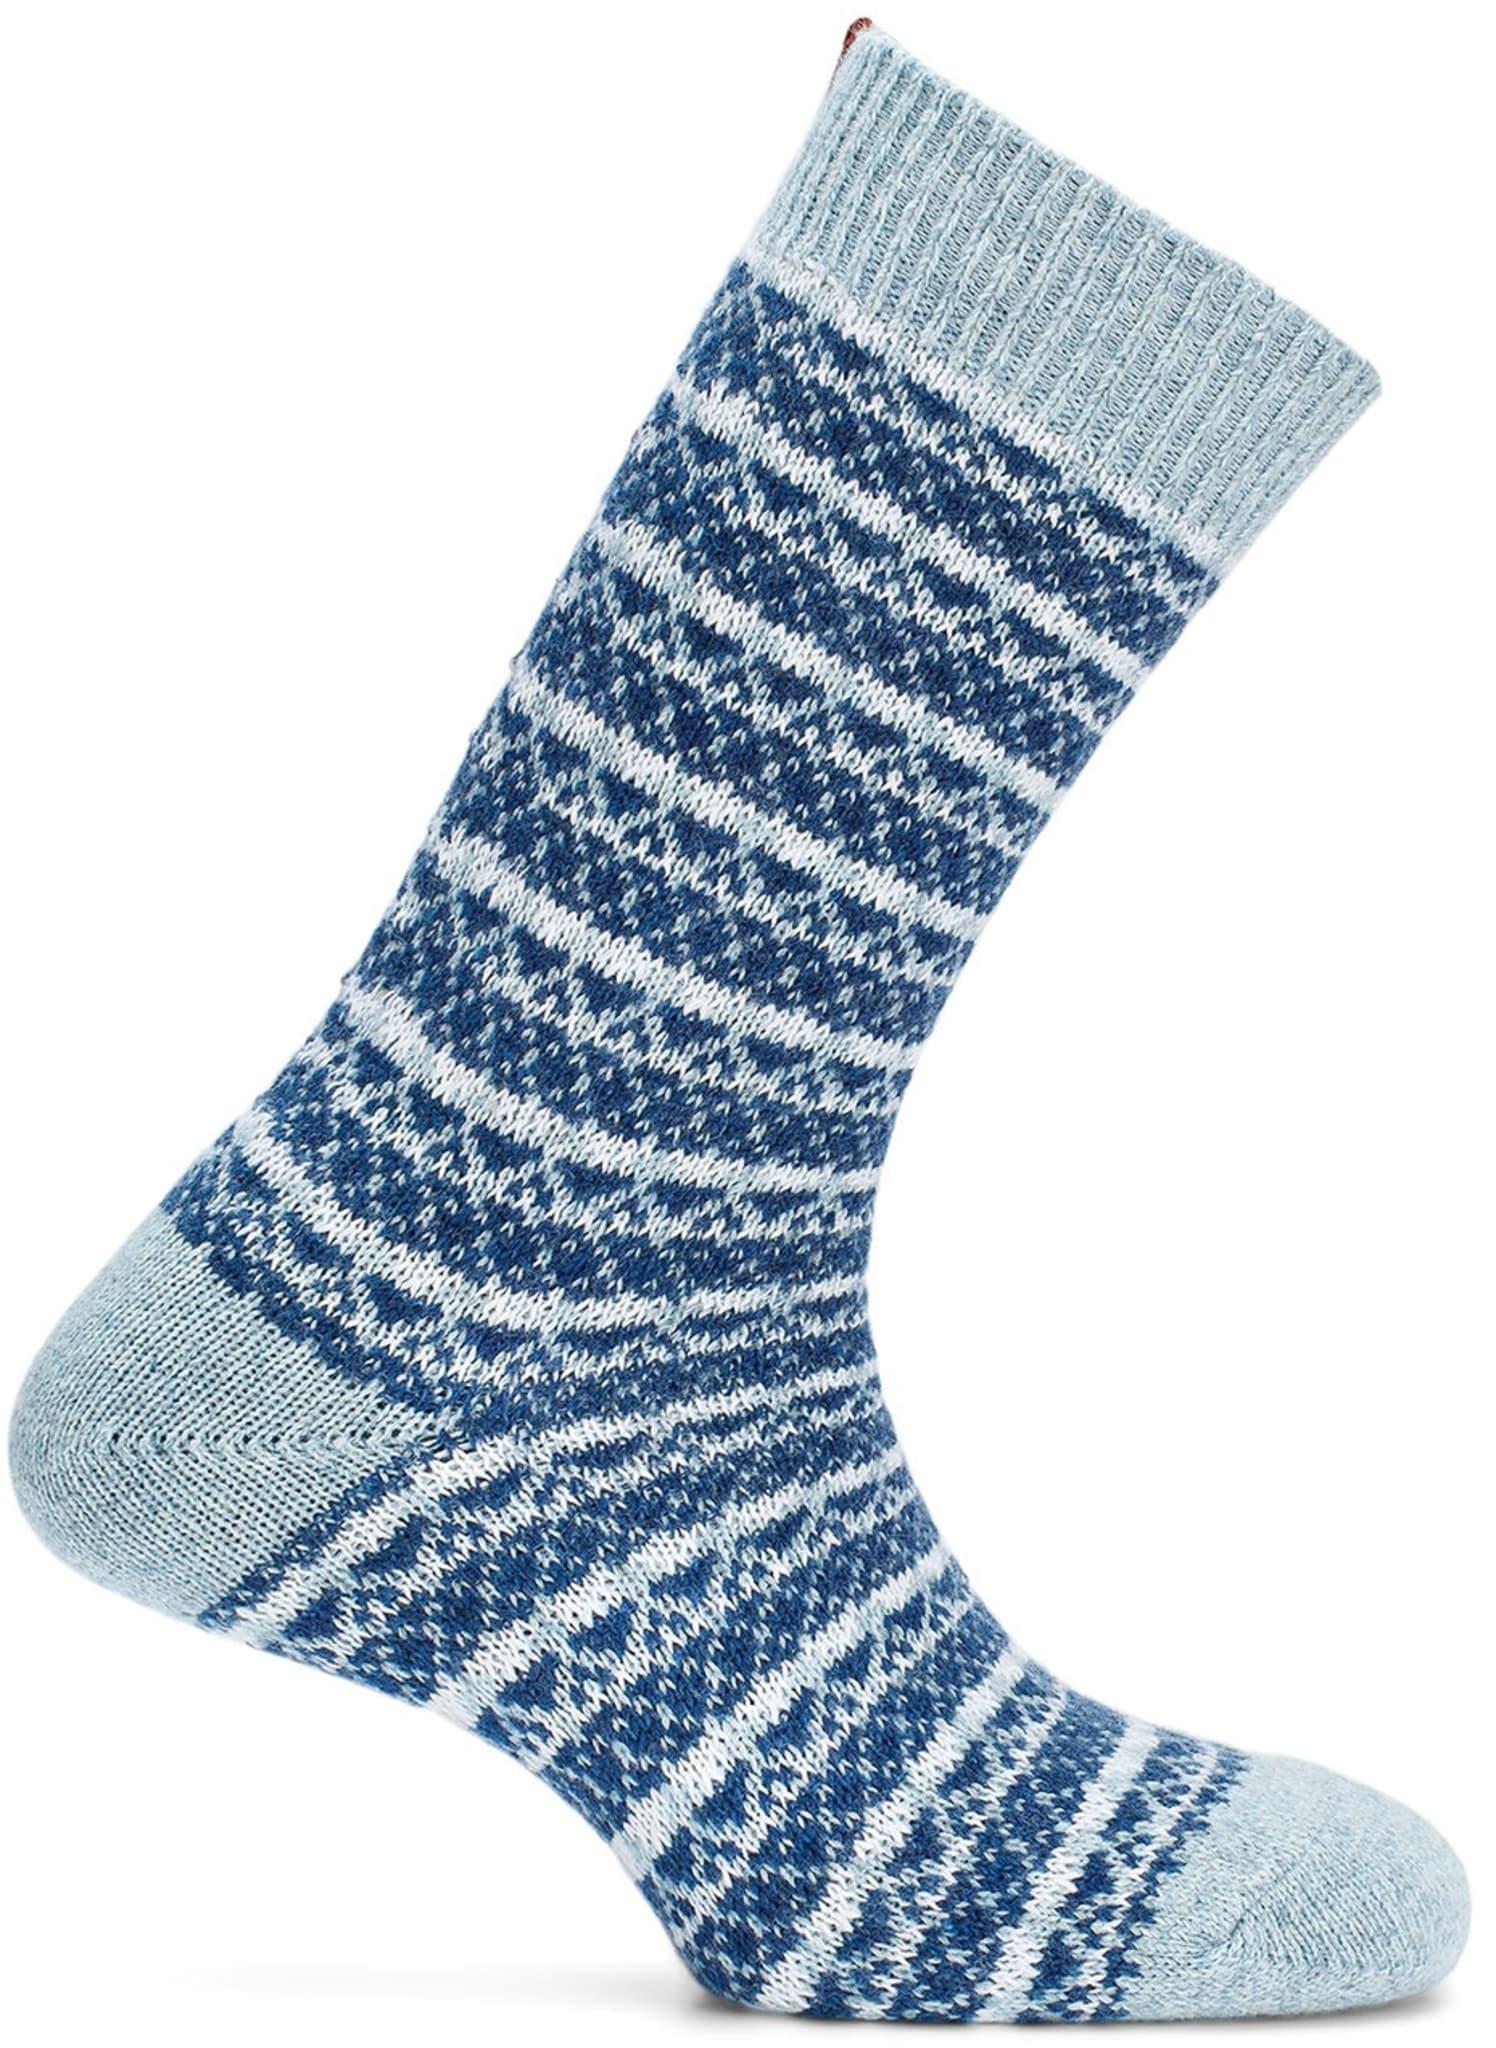 Skauen Mid Calf Socks